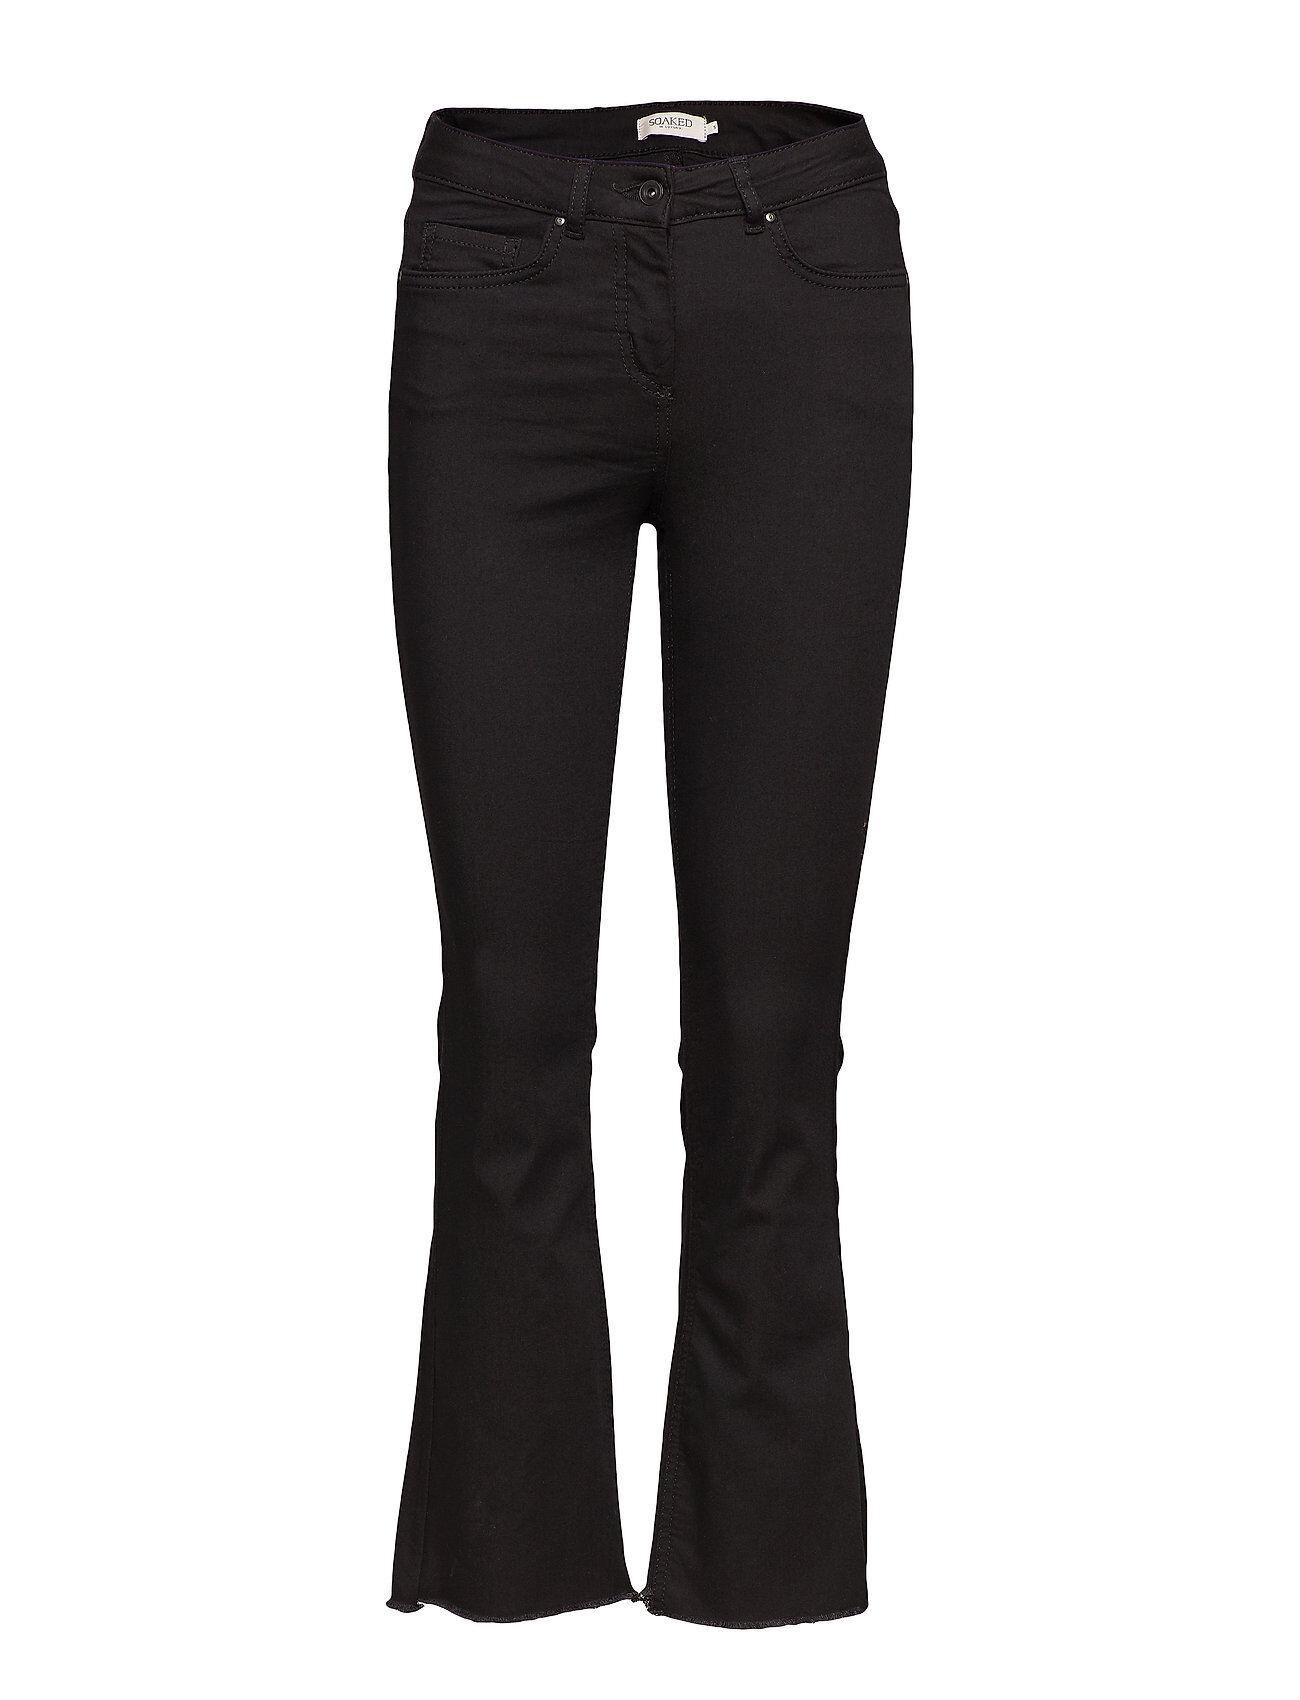 Soaked in Luxury Sx Britney Jeans Leveälahkeiset Farkut Musta Soaked In Luxury